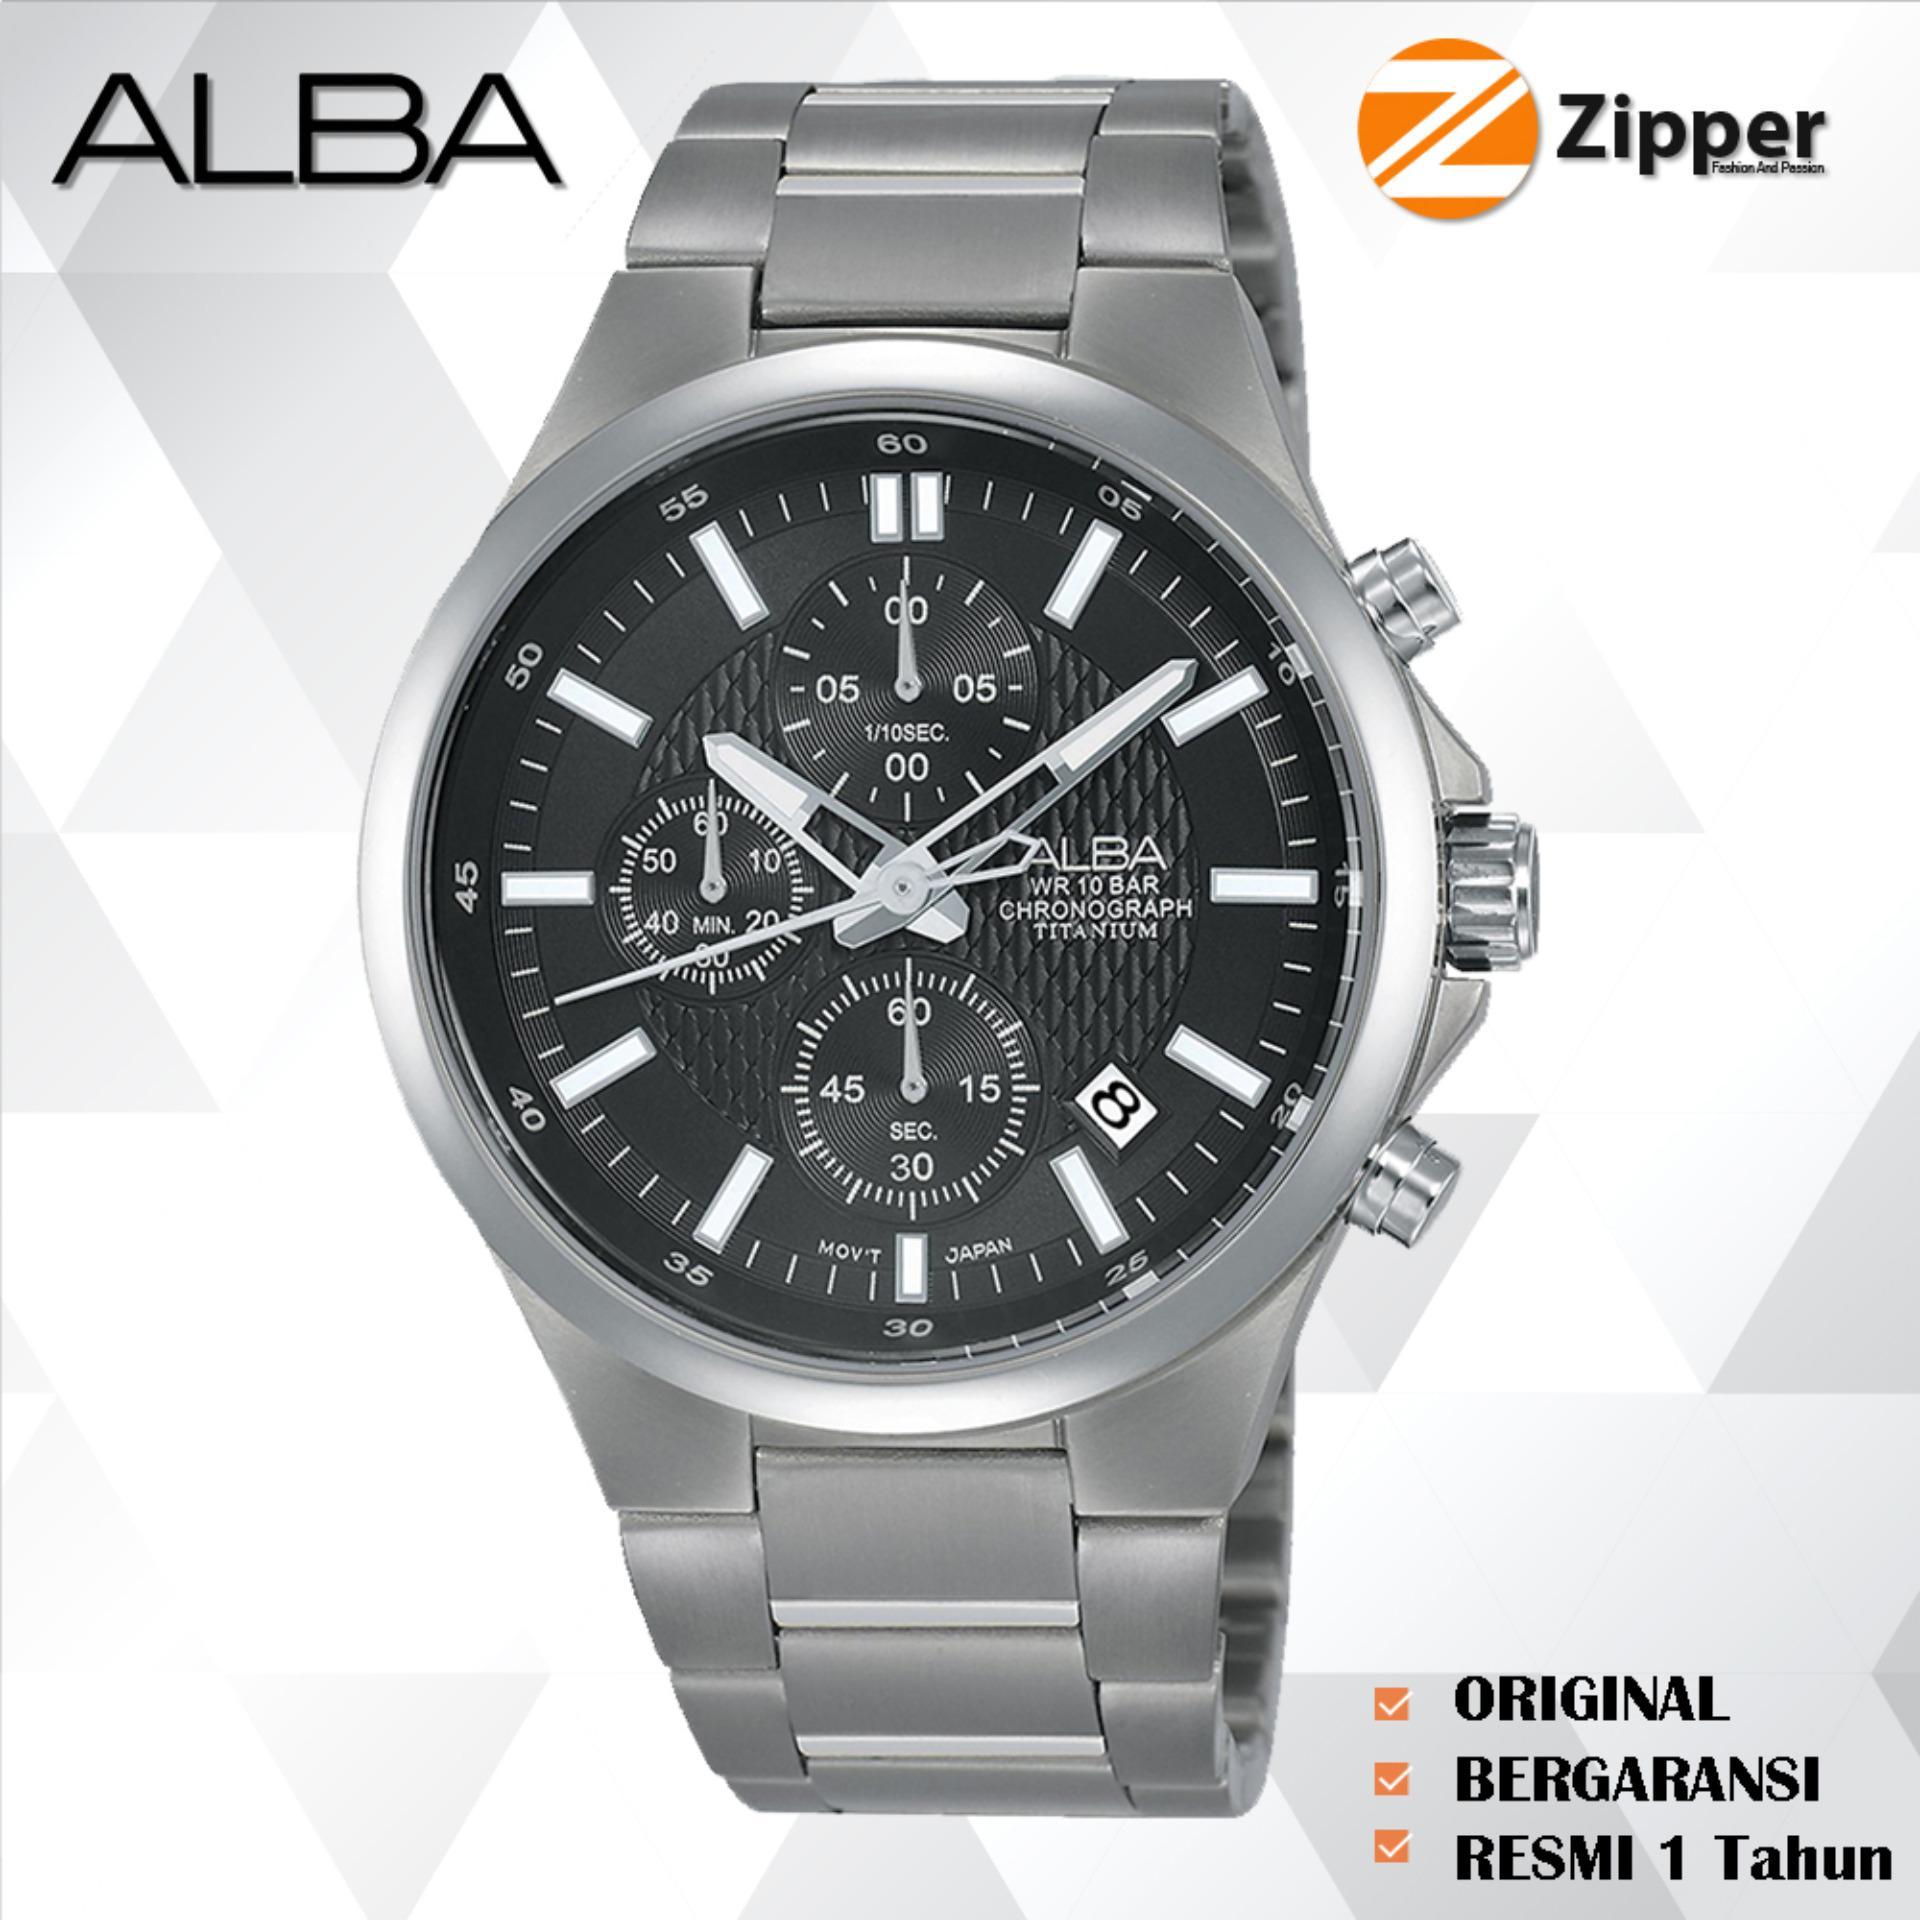 Alba Chronograph Jam Tangan Pria Tali Titanium Quartz Movement - Jam Tangan Original Alba AM35 Series